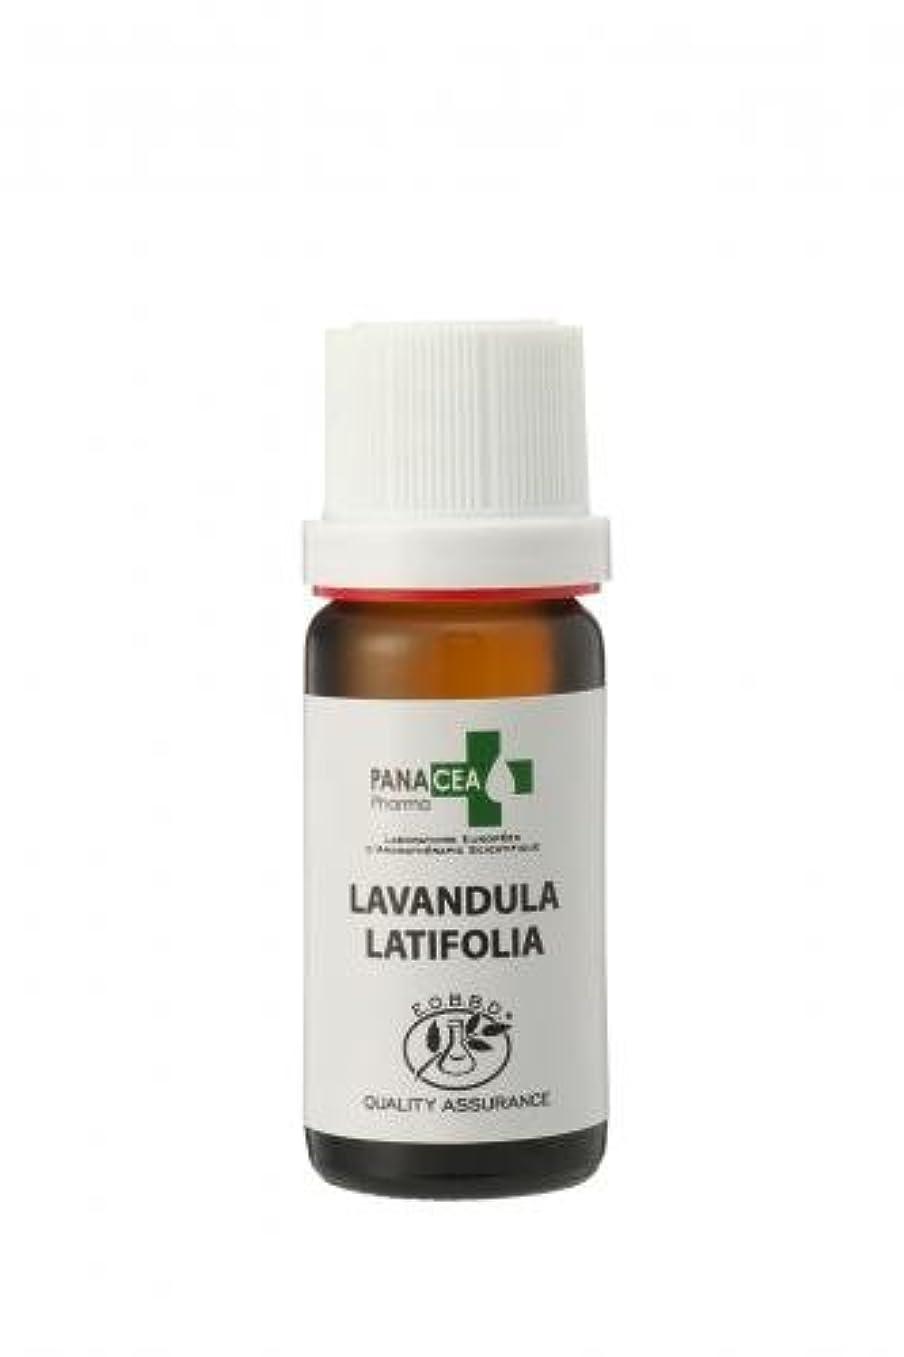 喪アスリートナットラベンダー スピカ (Lavandula latifolia) <spica>10ml エッセンシャルオイル PANACEA PHARMA パナセア ファルマ